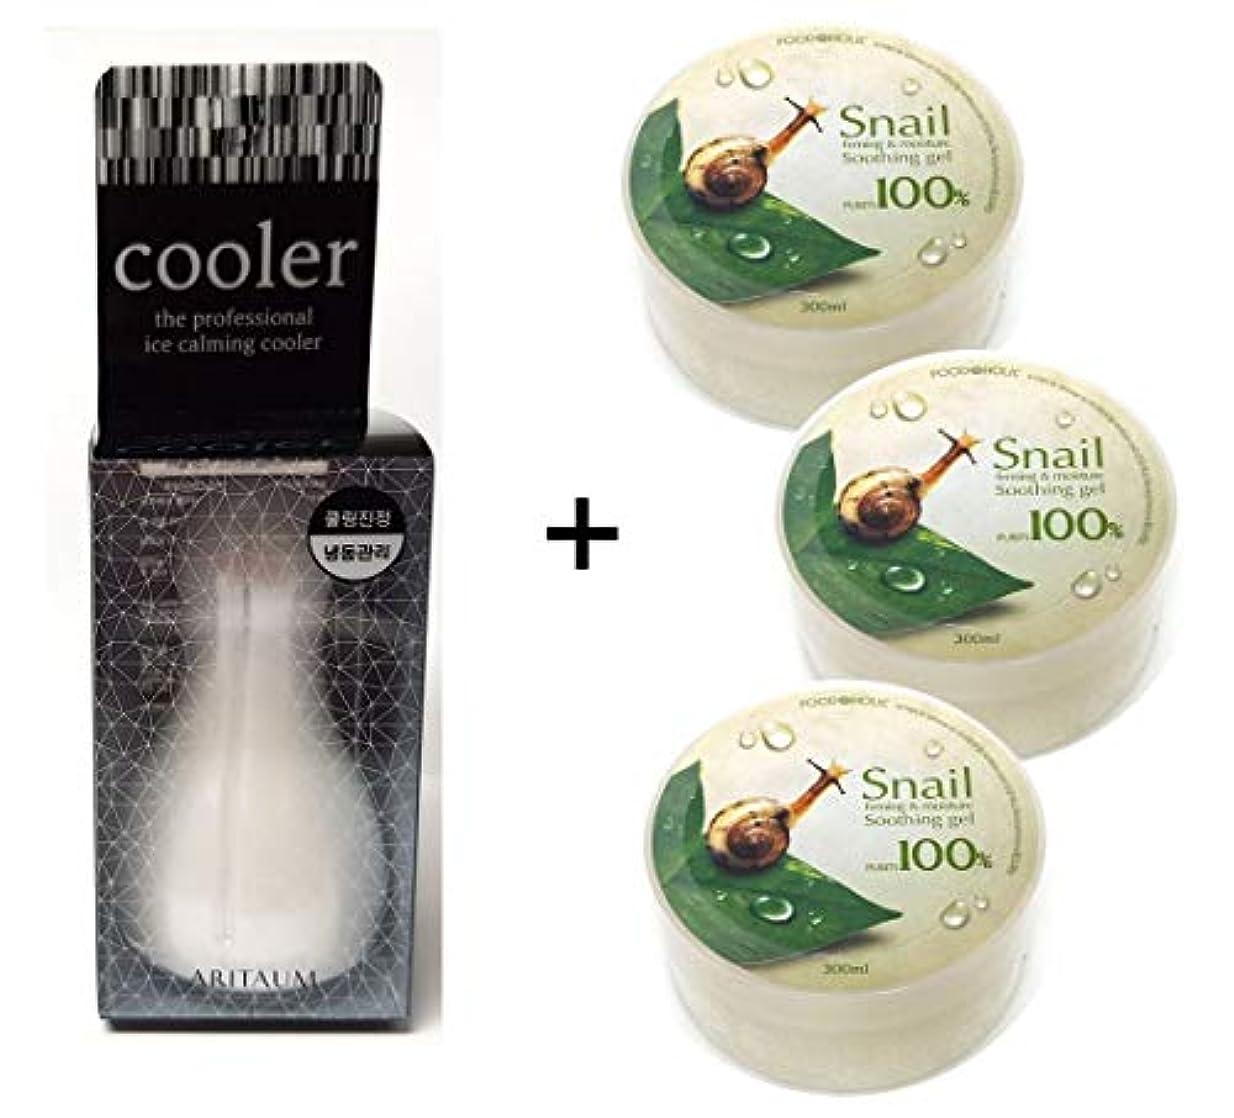 エキゾチックアマチュア回路[Aritaum]アイスカミングクーラー1EA + カタツムリスージングジェル3EA / Ice Calming Cooler 1EA + Snail Soothing gel 3EA / フェイスボディクール冷凍/スキンマッサージ...